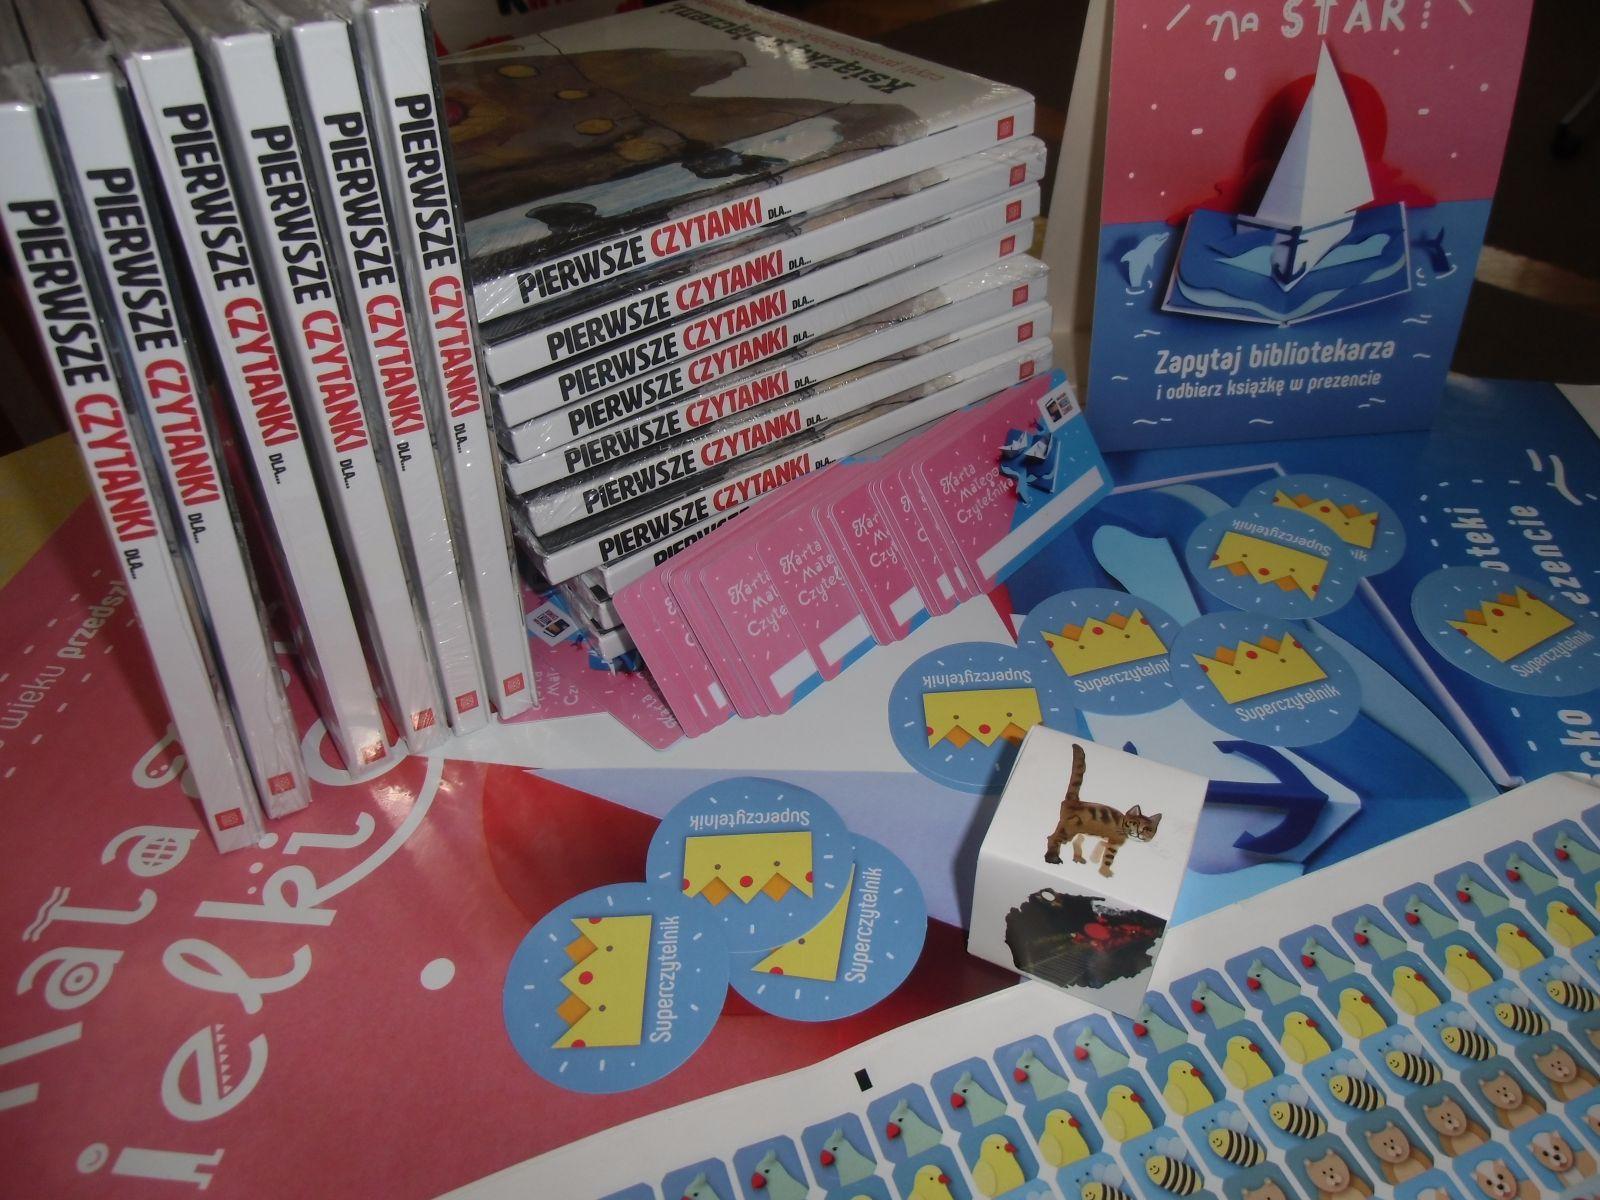 """Na zdjęciu  książki """"Pierwsze czytanki dla..."""", Karty Małego Czytelnika w kolorze różowo-niebieskim, na których jest niebieska książka, a na niej pływają dwie łódki zrobione metodą origami, wokół książki pływają dwa delfiny, kolorowe naklejki ze zwierzętami i owadami"""